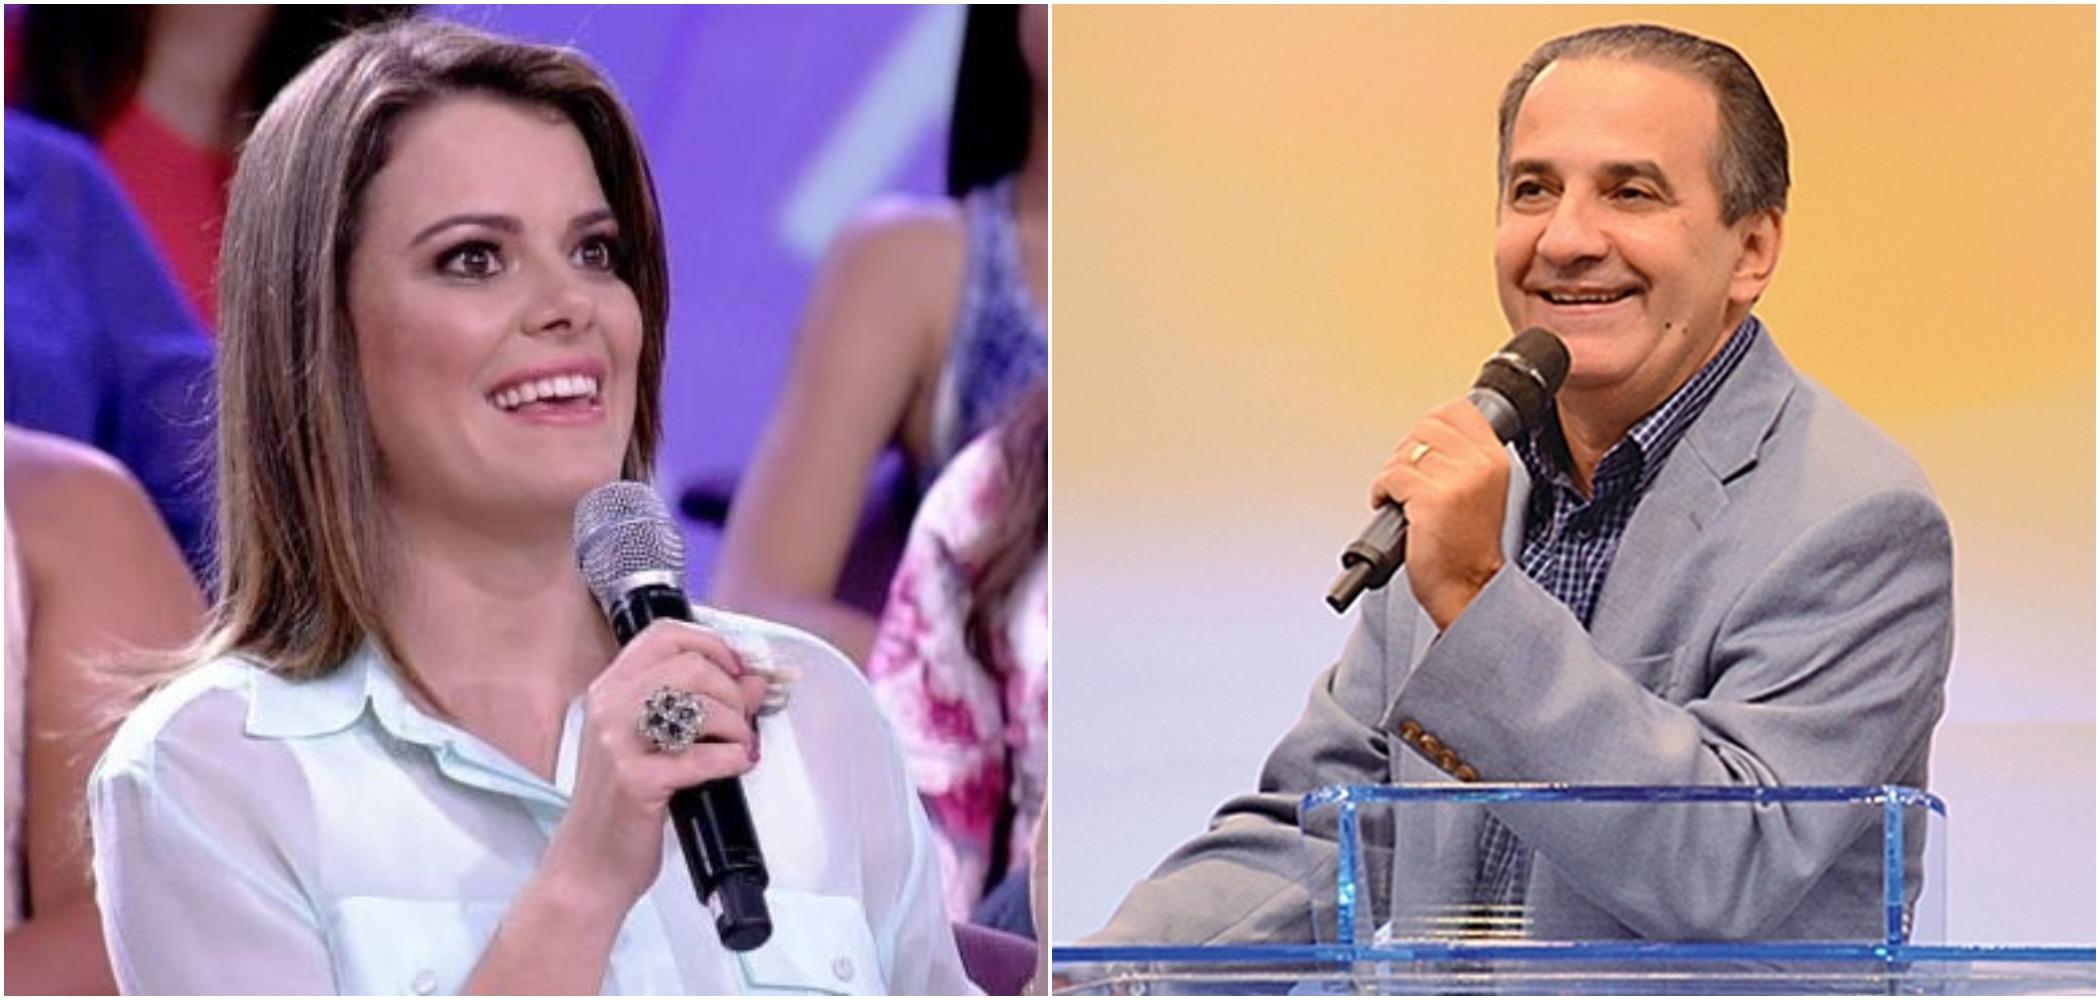 Ana Paula Valadão e Silas Malafaia trocaram farpas nas redes sociais (Reprodução)